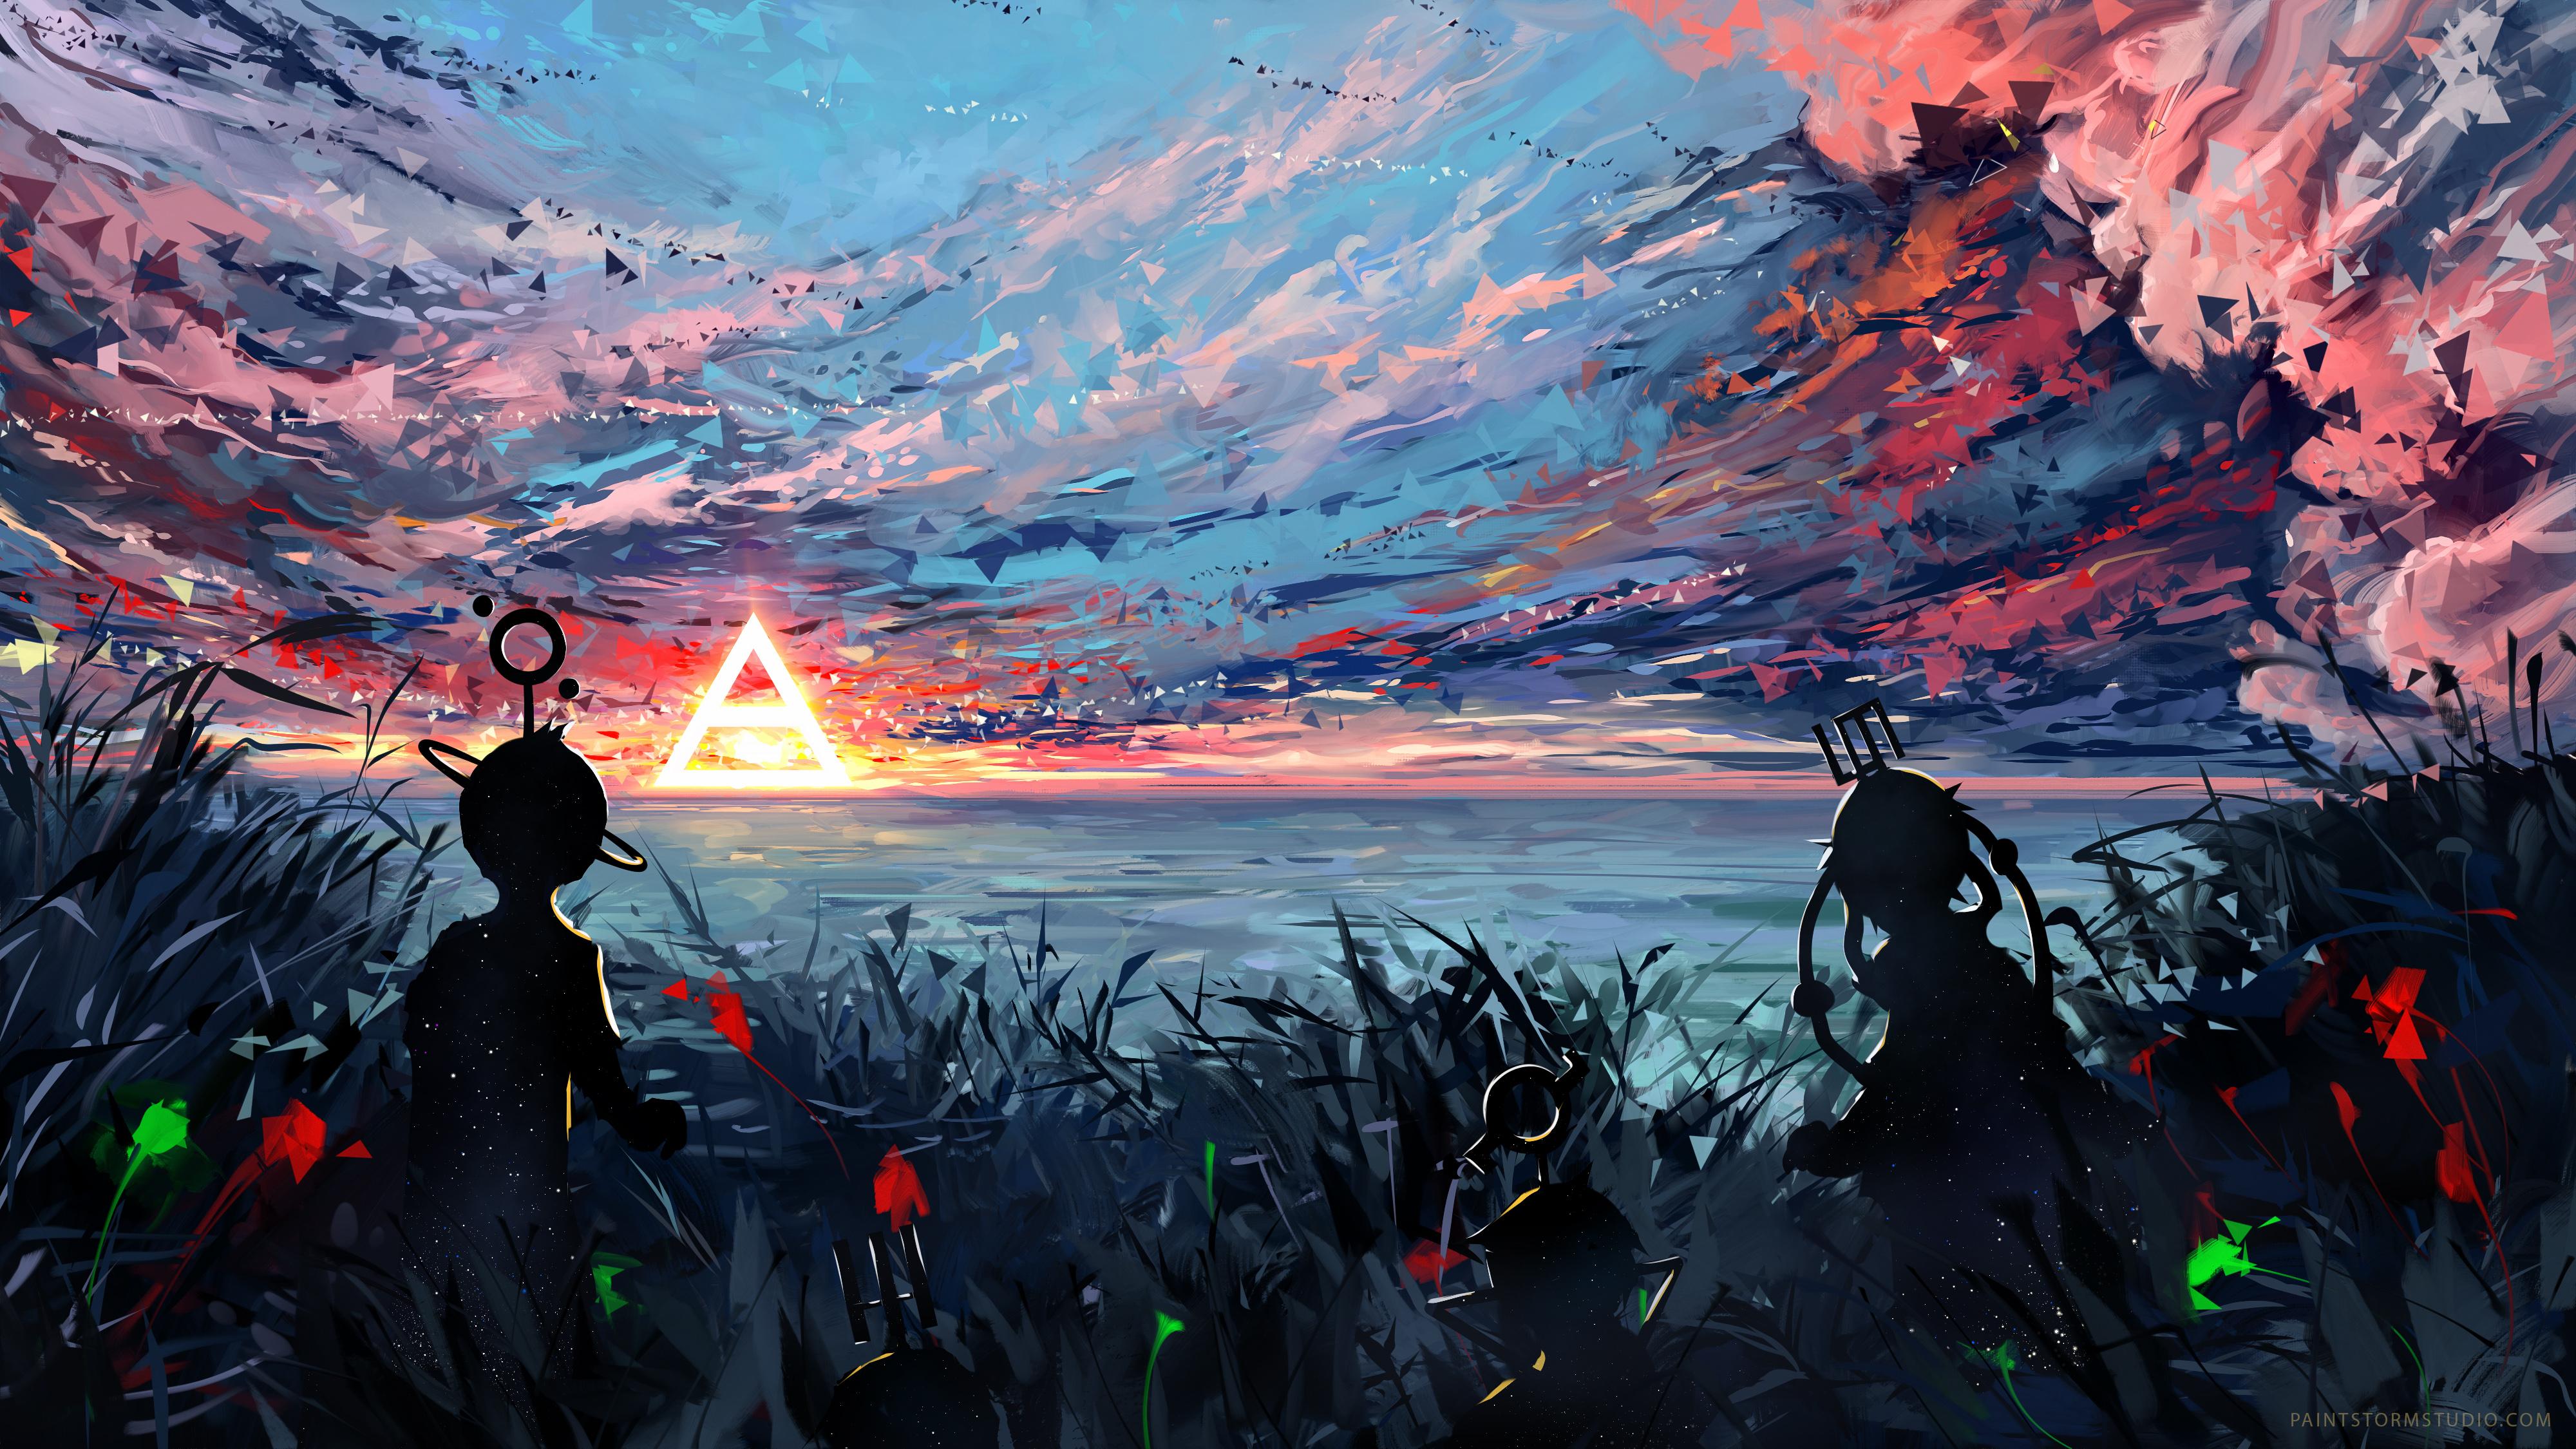 65864 Hintergrundbild herunterladen Sky, Kunst, Silhouette, Mehrfarbig, Motley, Flecken, Spots - Bildschirmschoner und Bilder kostenlos